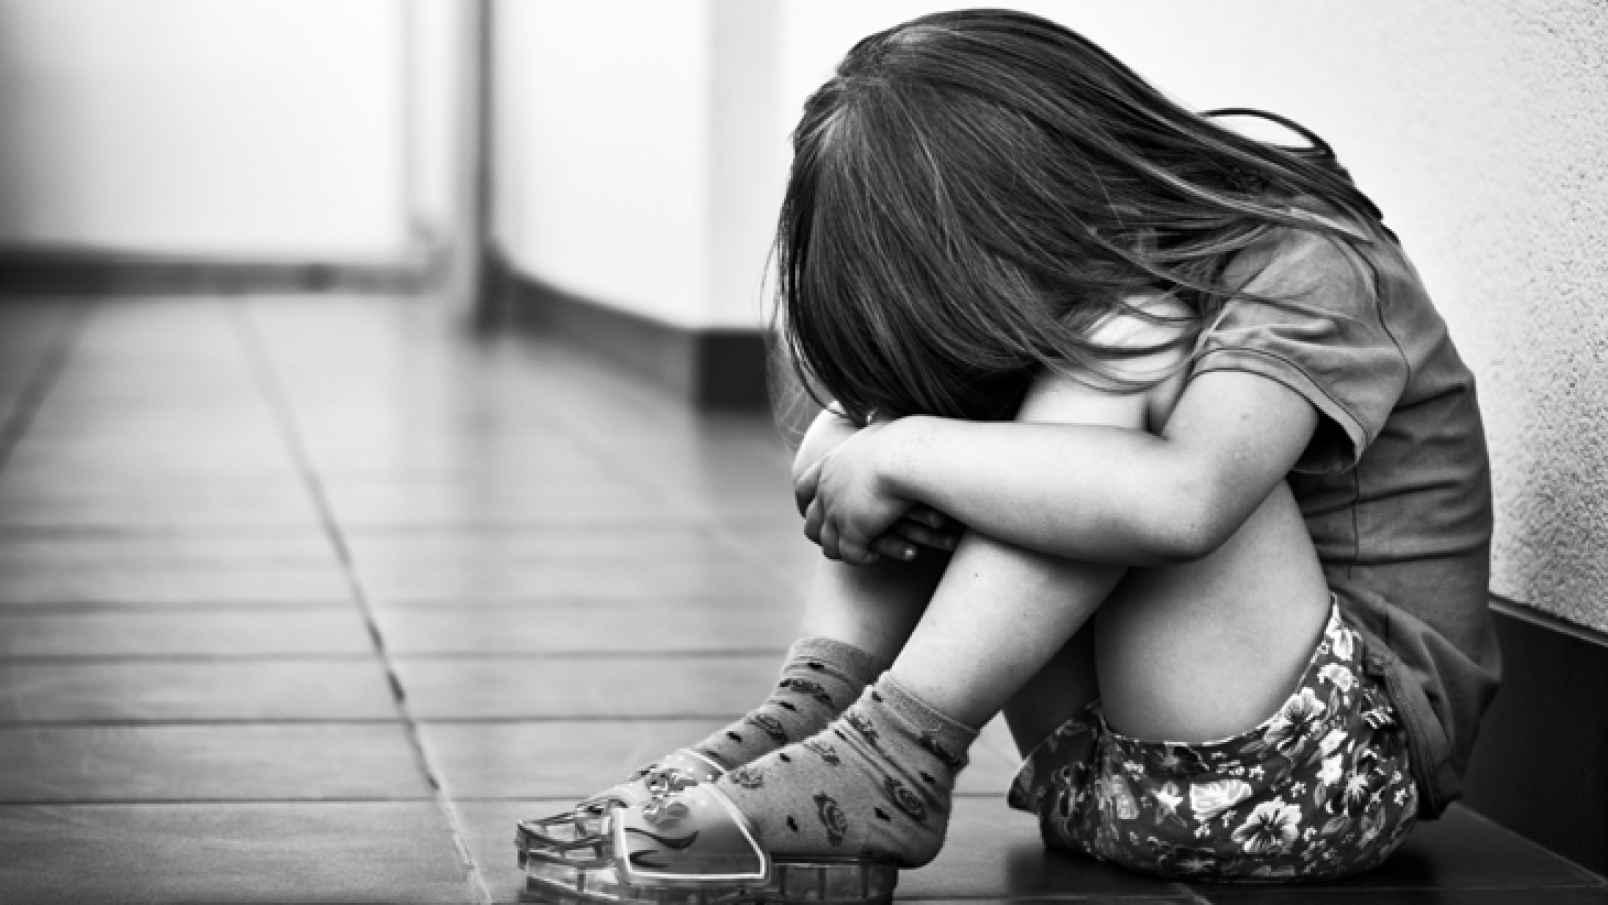 child rape victim